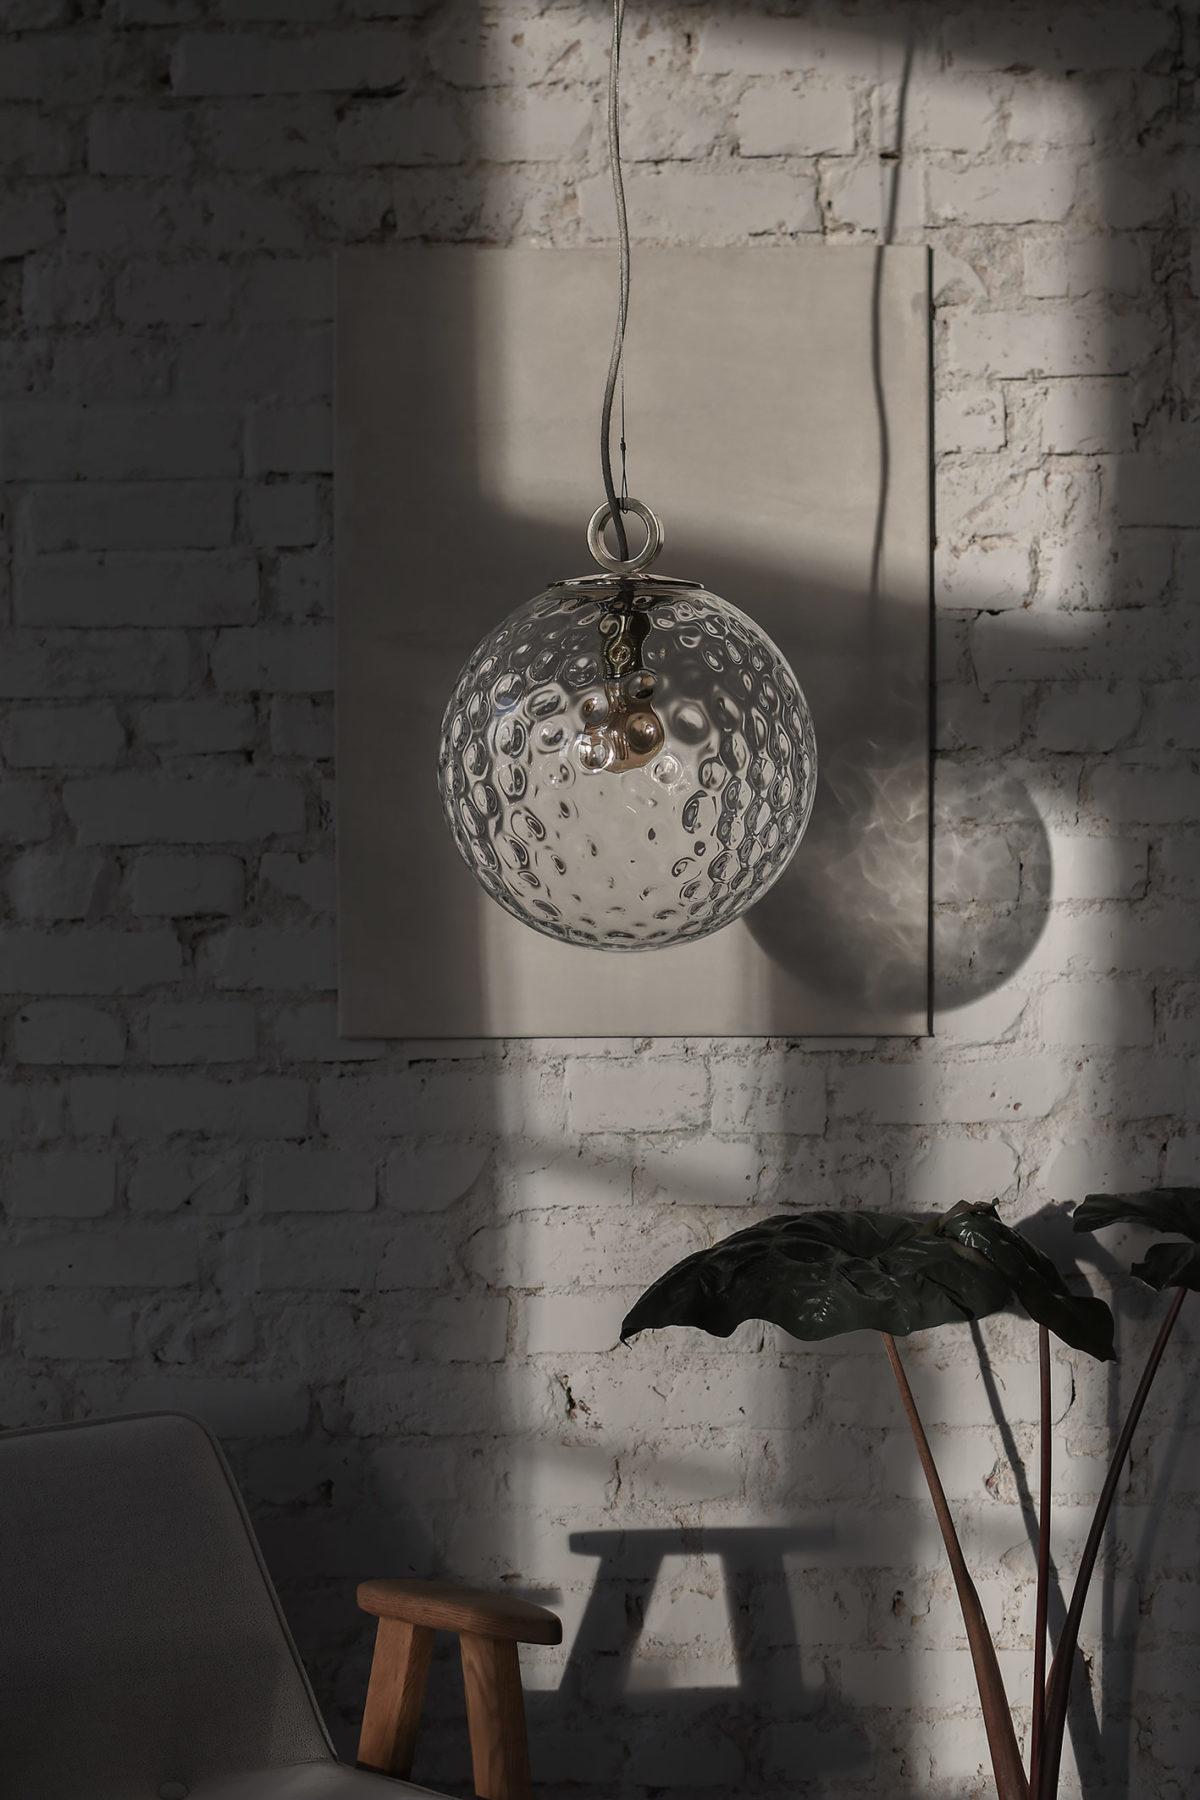 Lampa Wisząca Kula Reflesyjna z pierścieniem mosiężnym 2